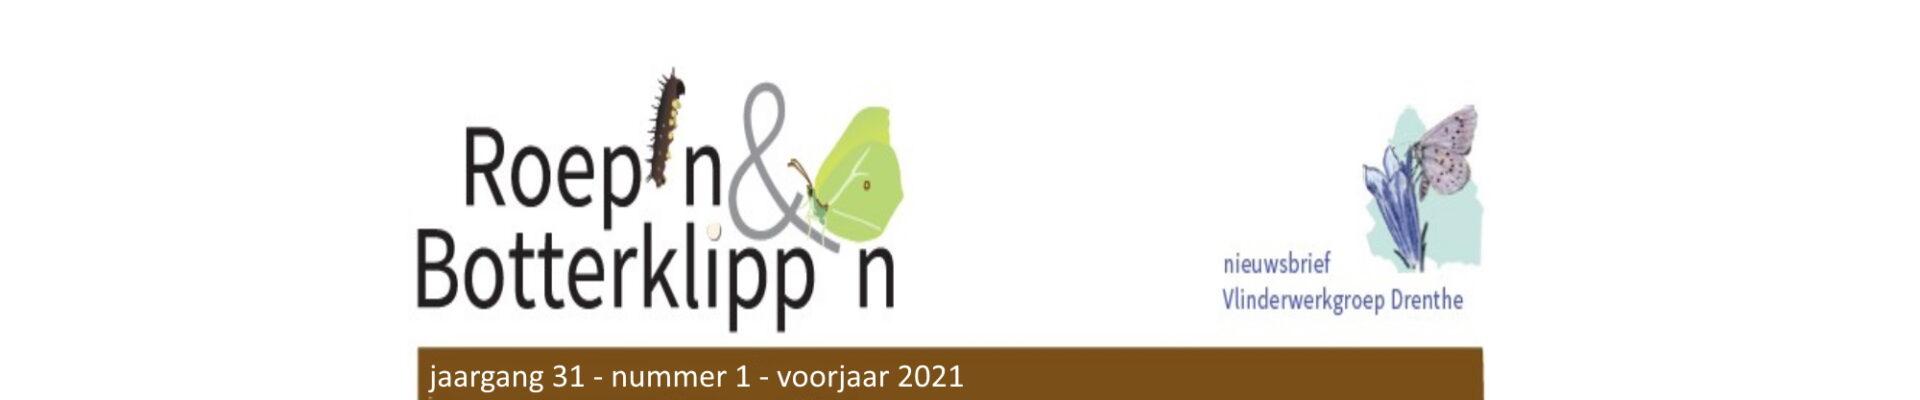 Roep'n & Botterklipp'n voorjaar 2021